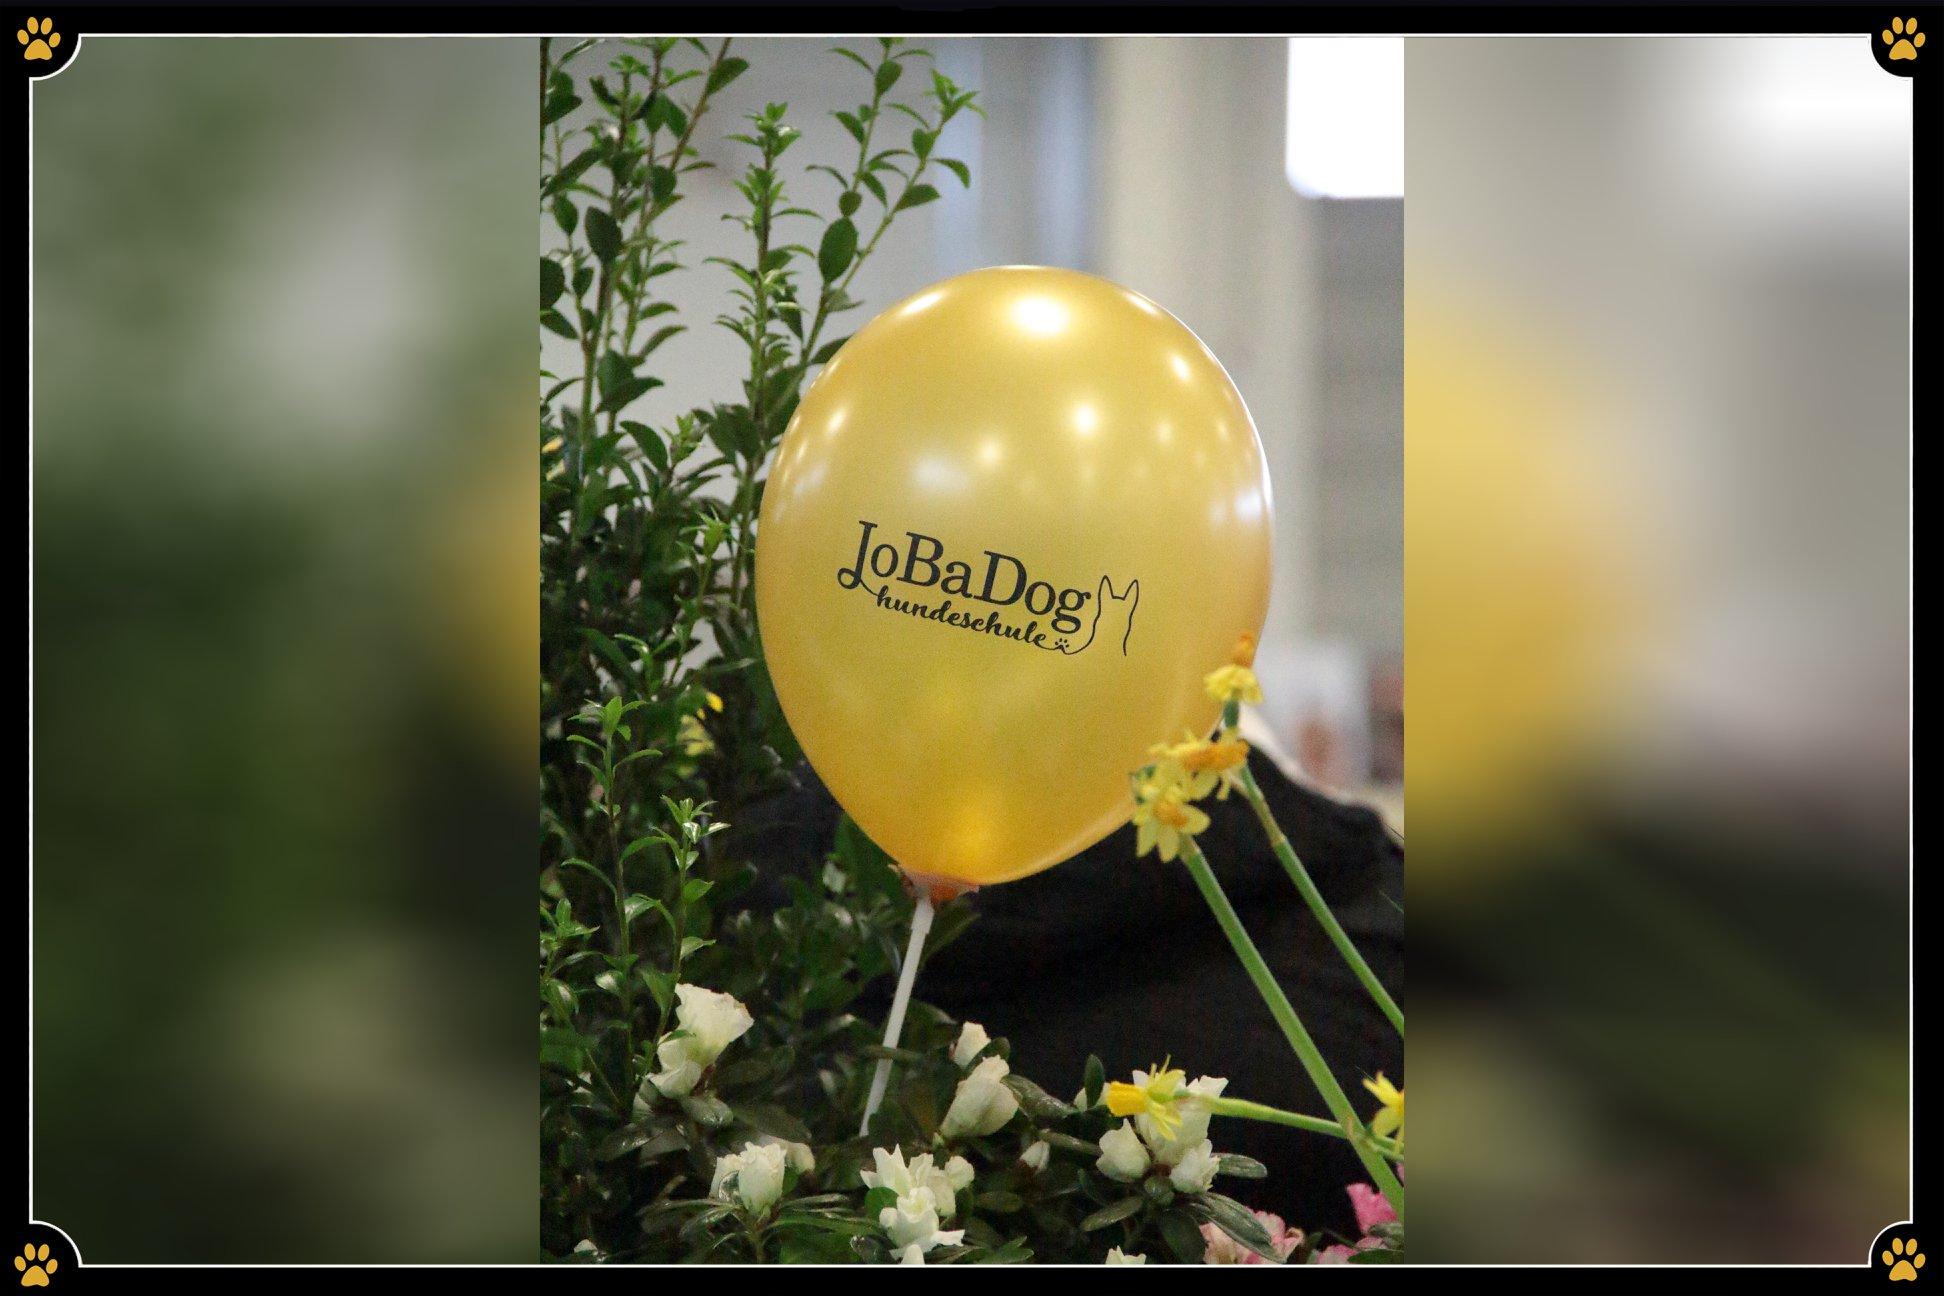 JoBaDog_Gruene_Woche_2019_Luftballon.jpg